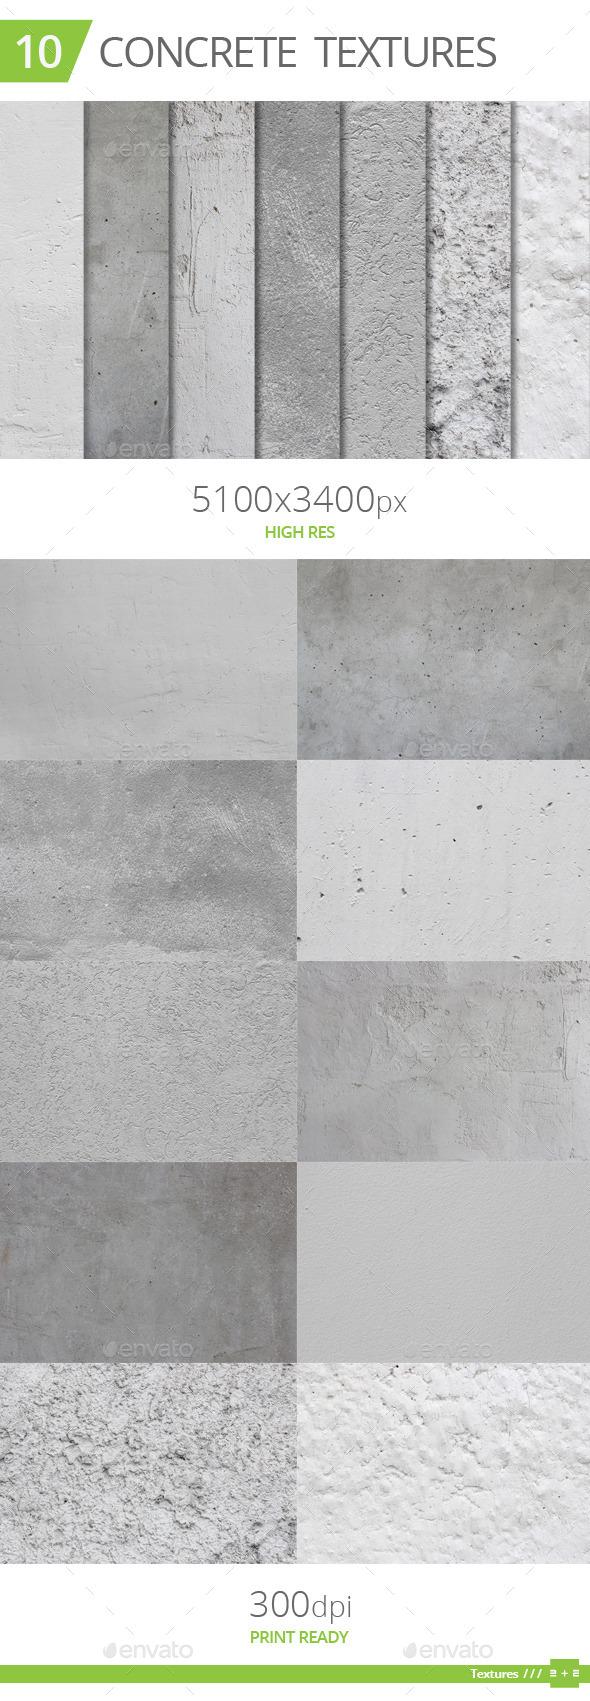 10 Concrete Textures - Concrete Textures